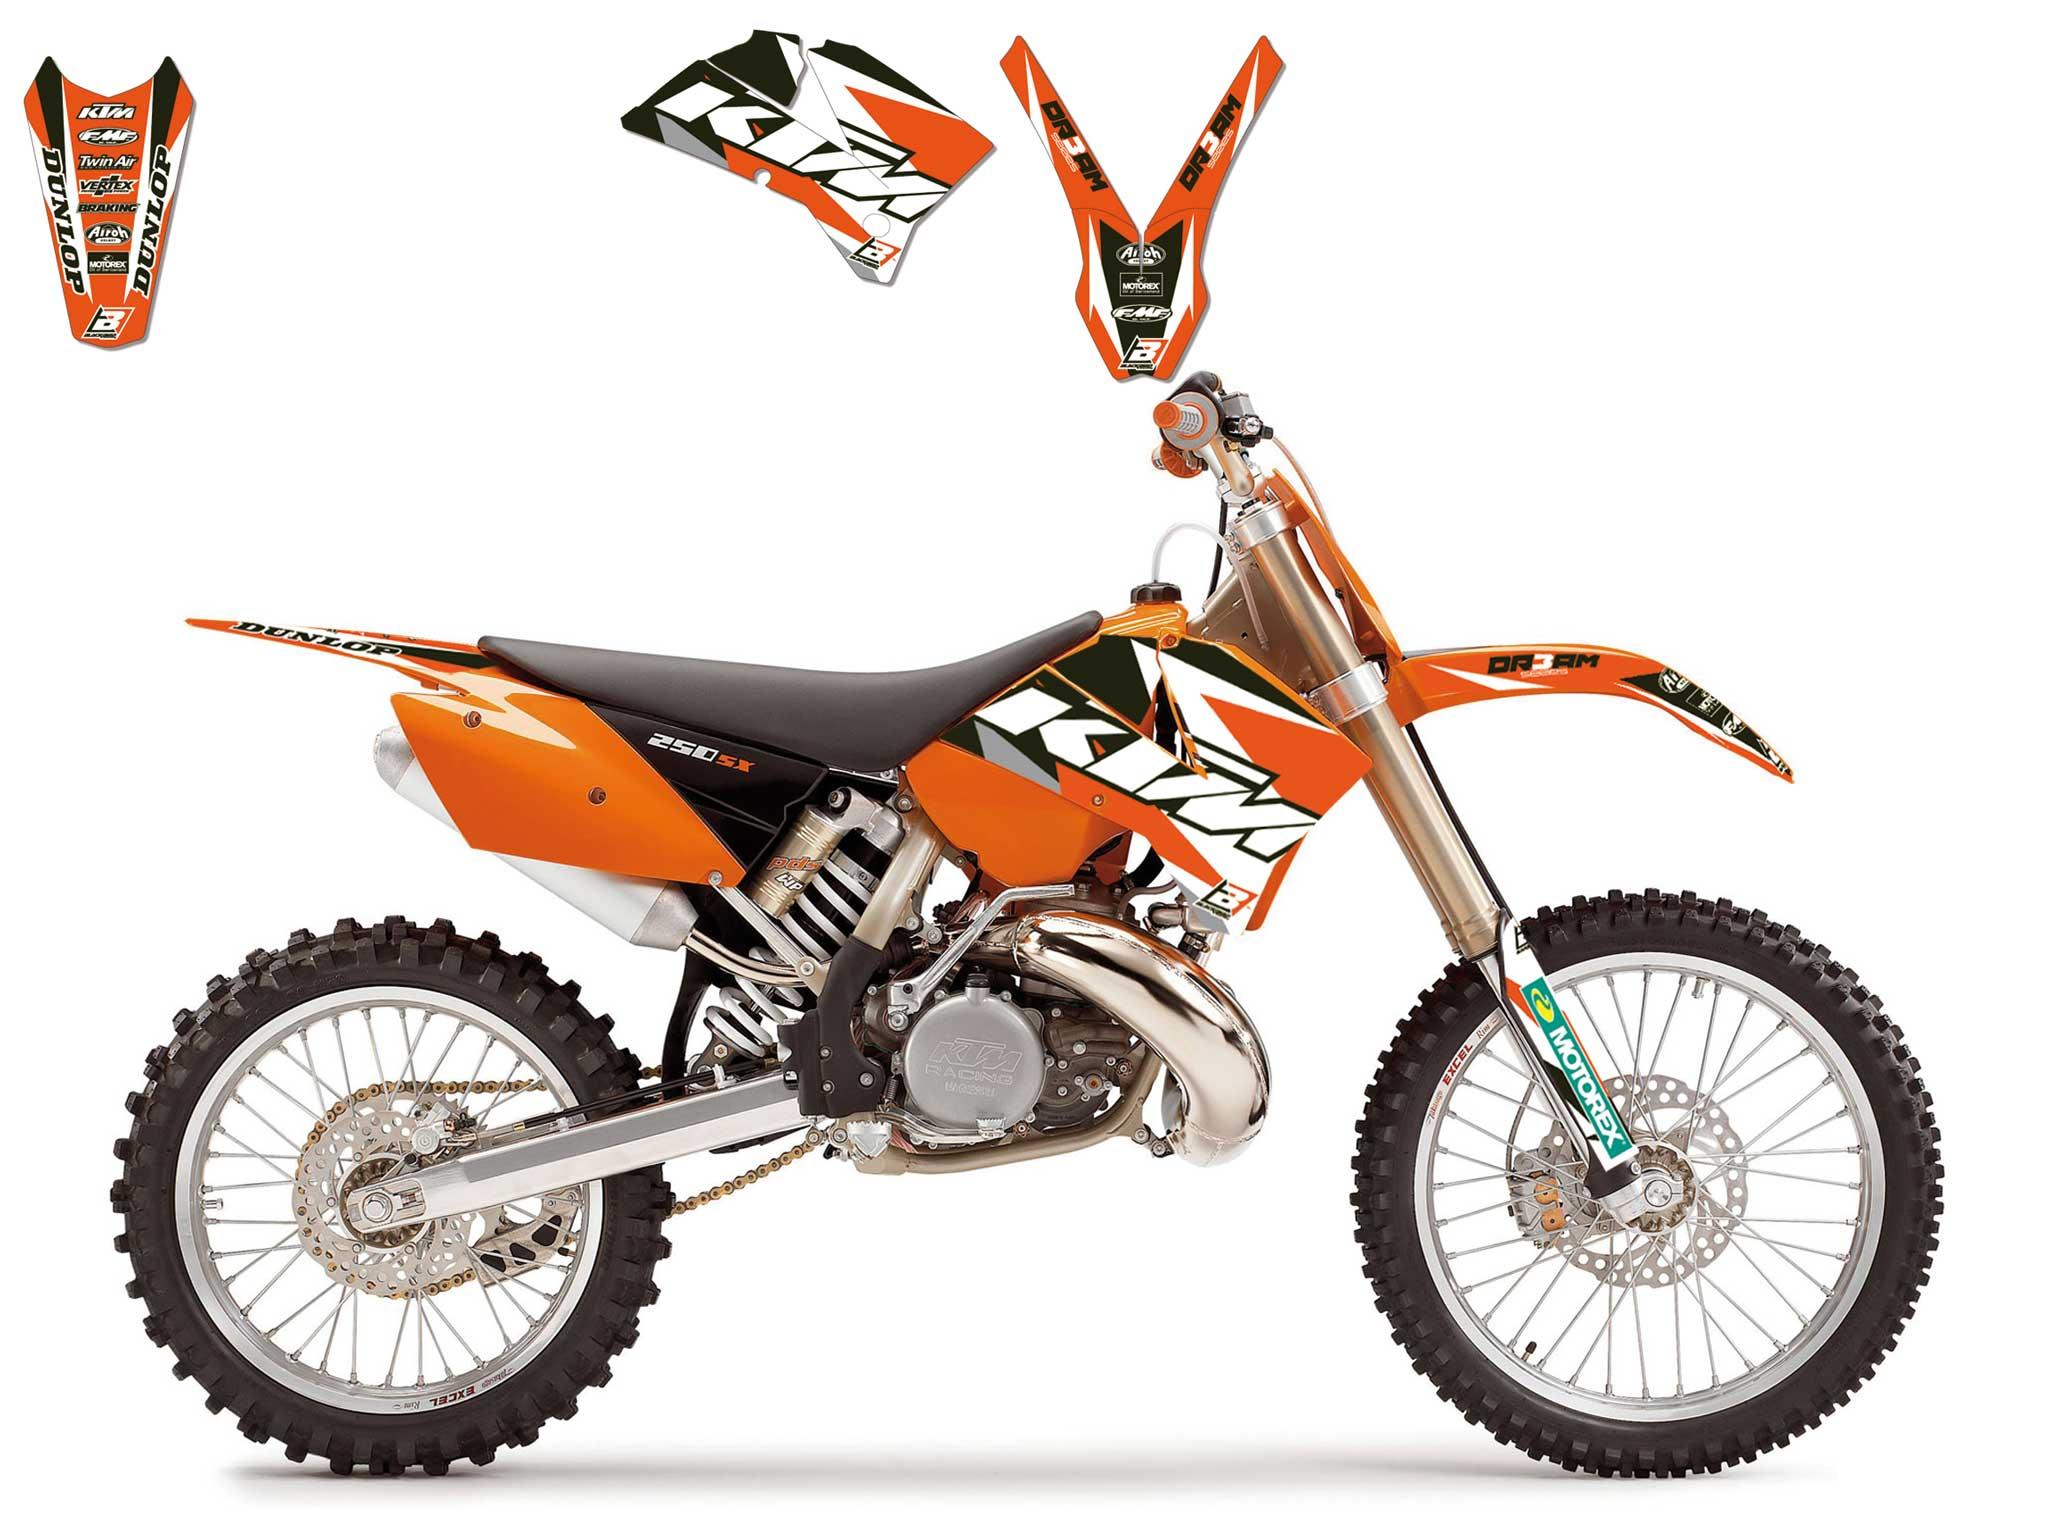 KIT DECO KTM COMPLET EXC/EXCF125 ET PLUS 2003,2004